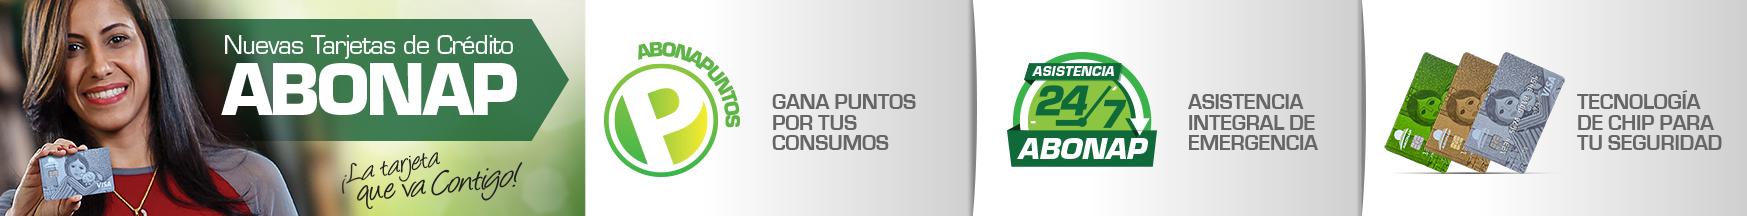 Visa Platinum Internacional ABONAP